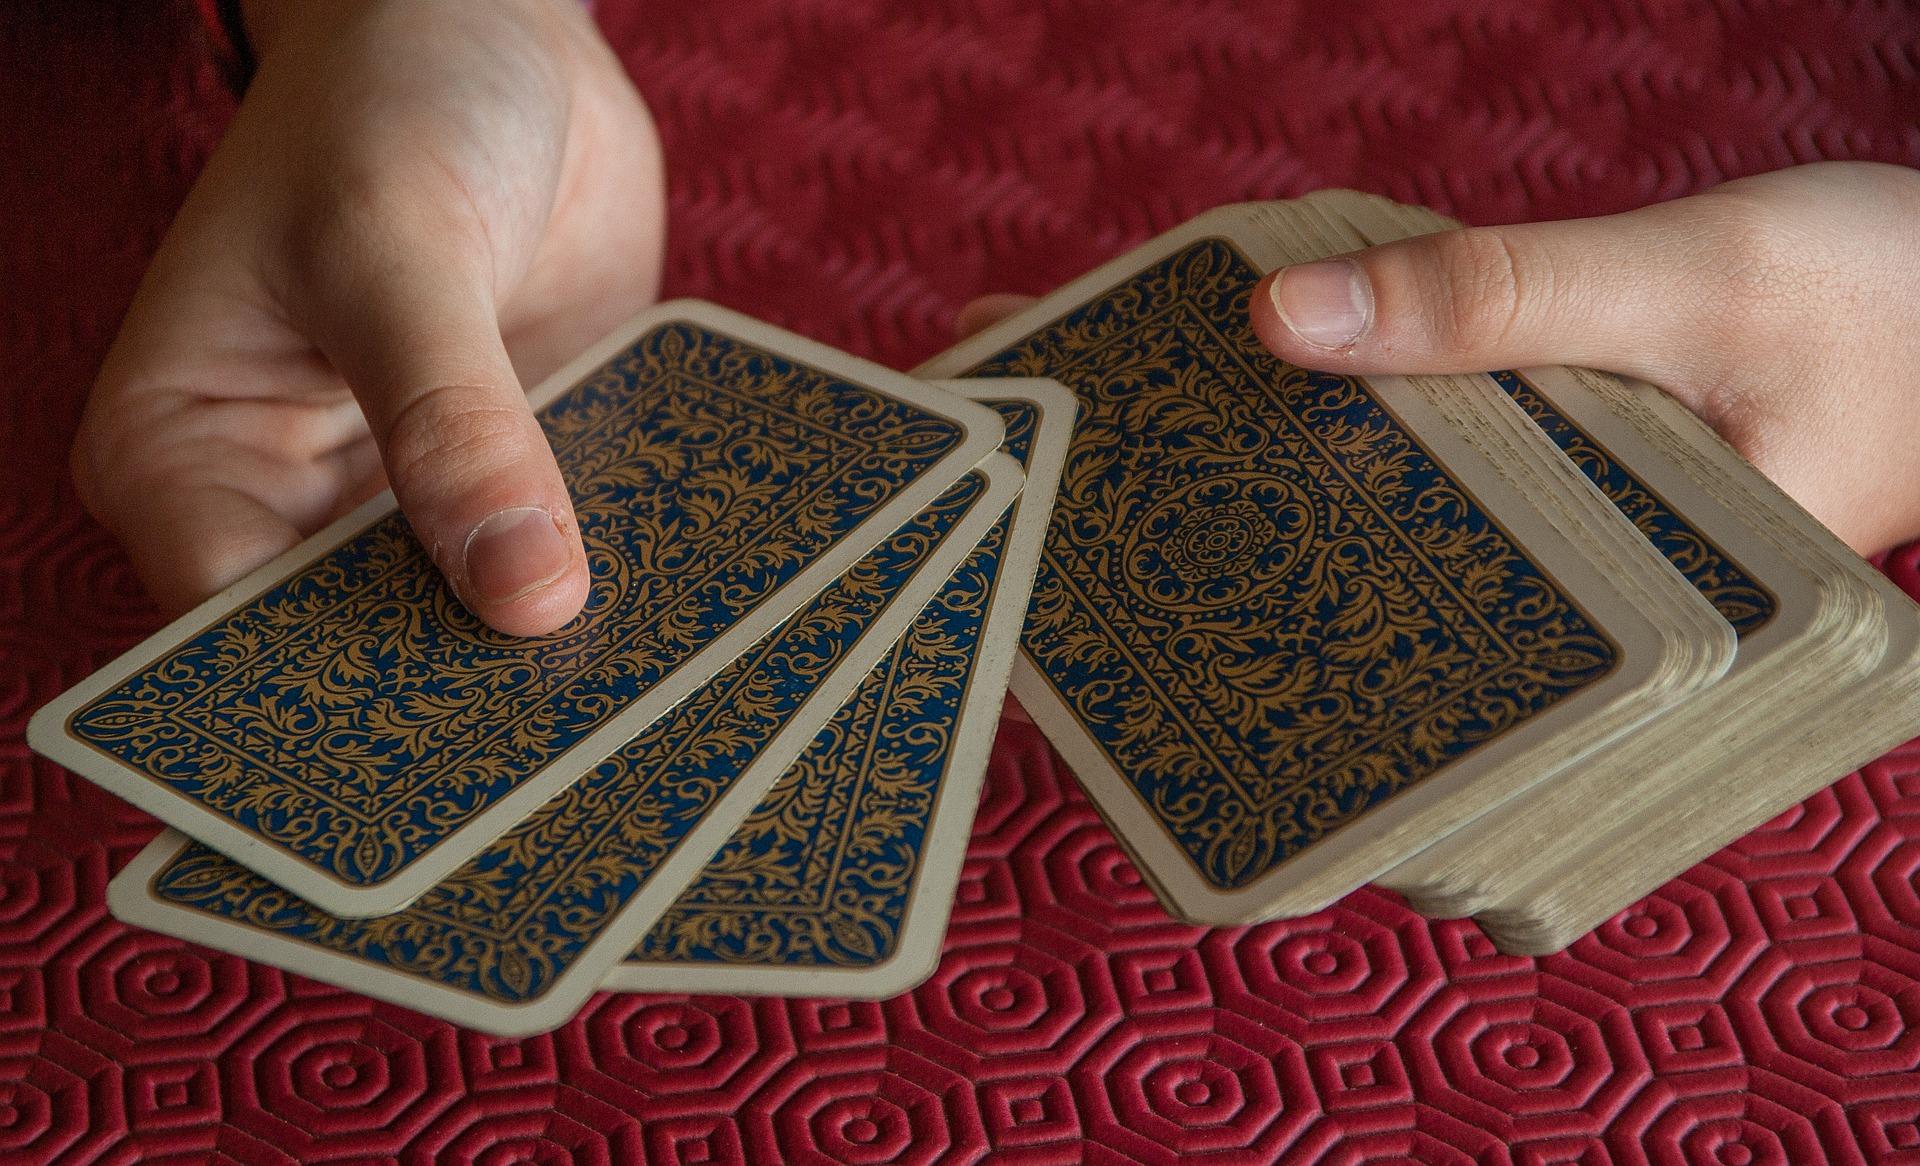 02 - Il secondo consiglio consiste nell'esercitarsì con carte o tarocchi.